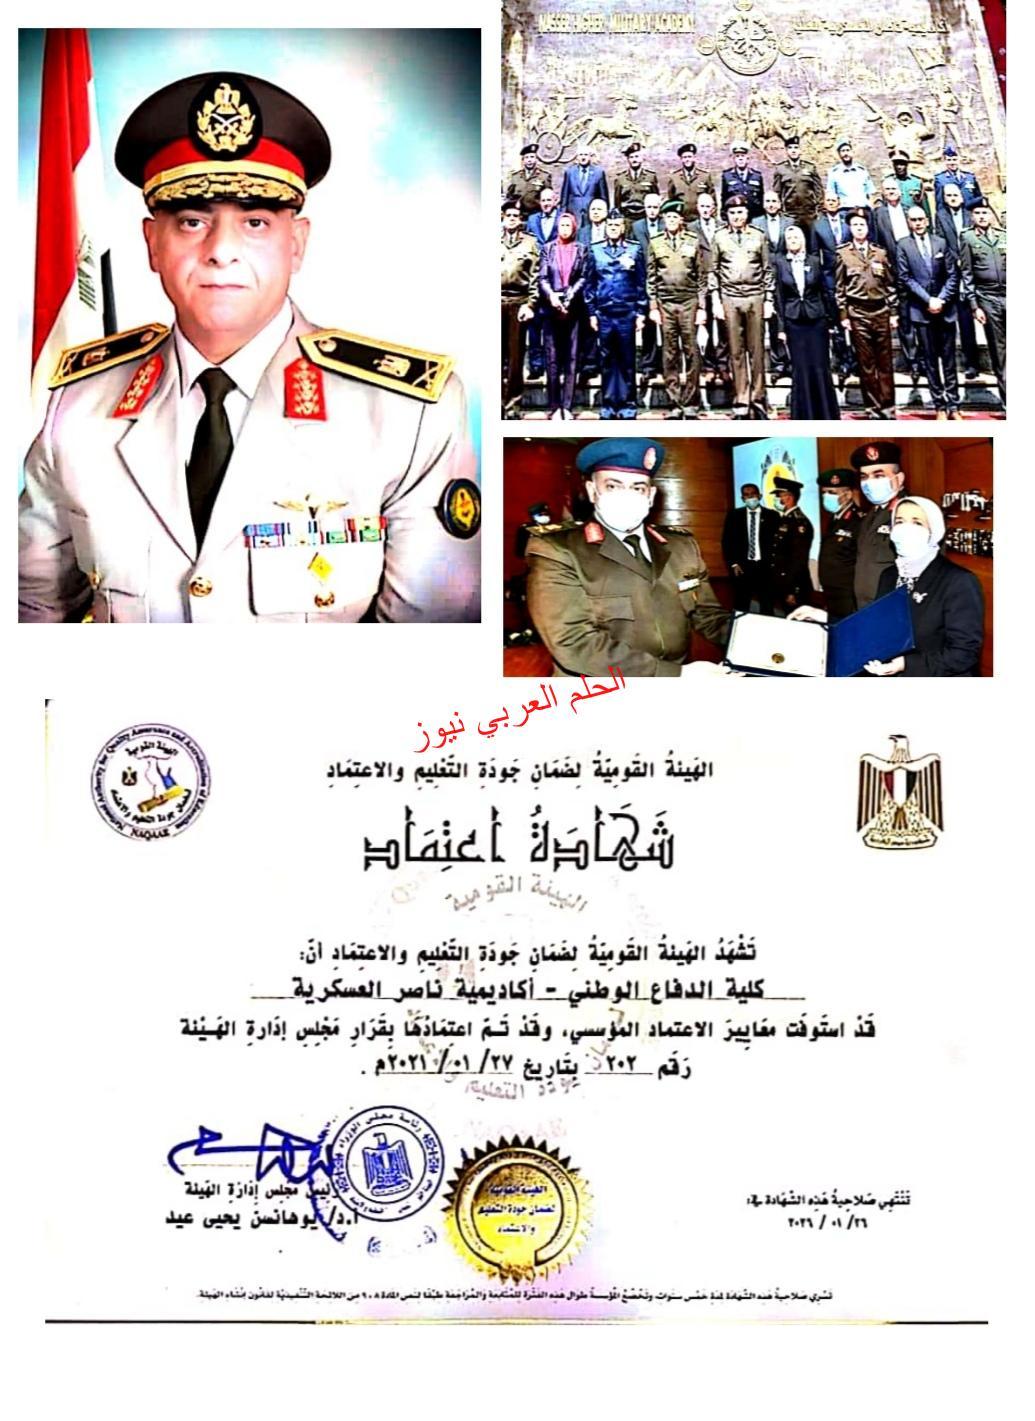 تهنئة من القلب إلى اللواء أركان حرب تامر عبدالمنعم شوشه.